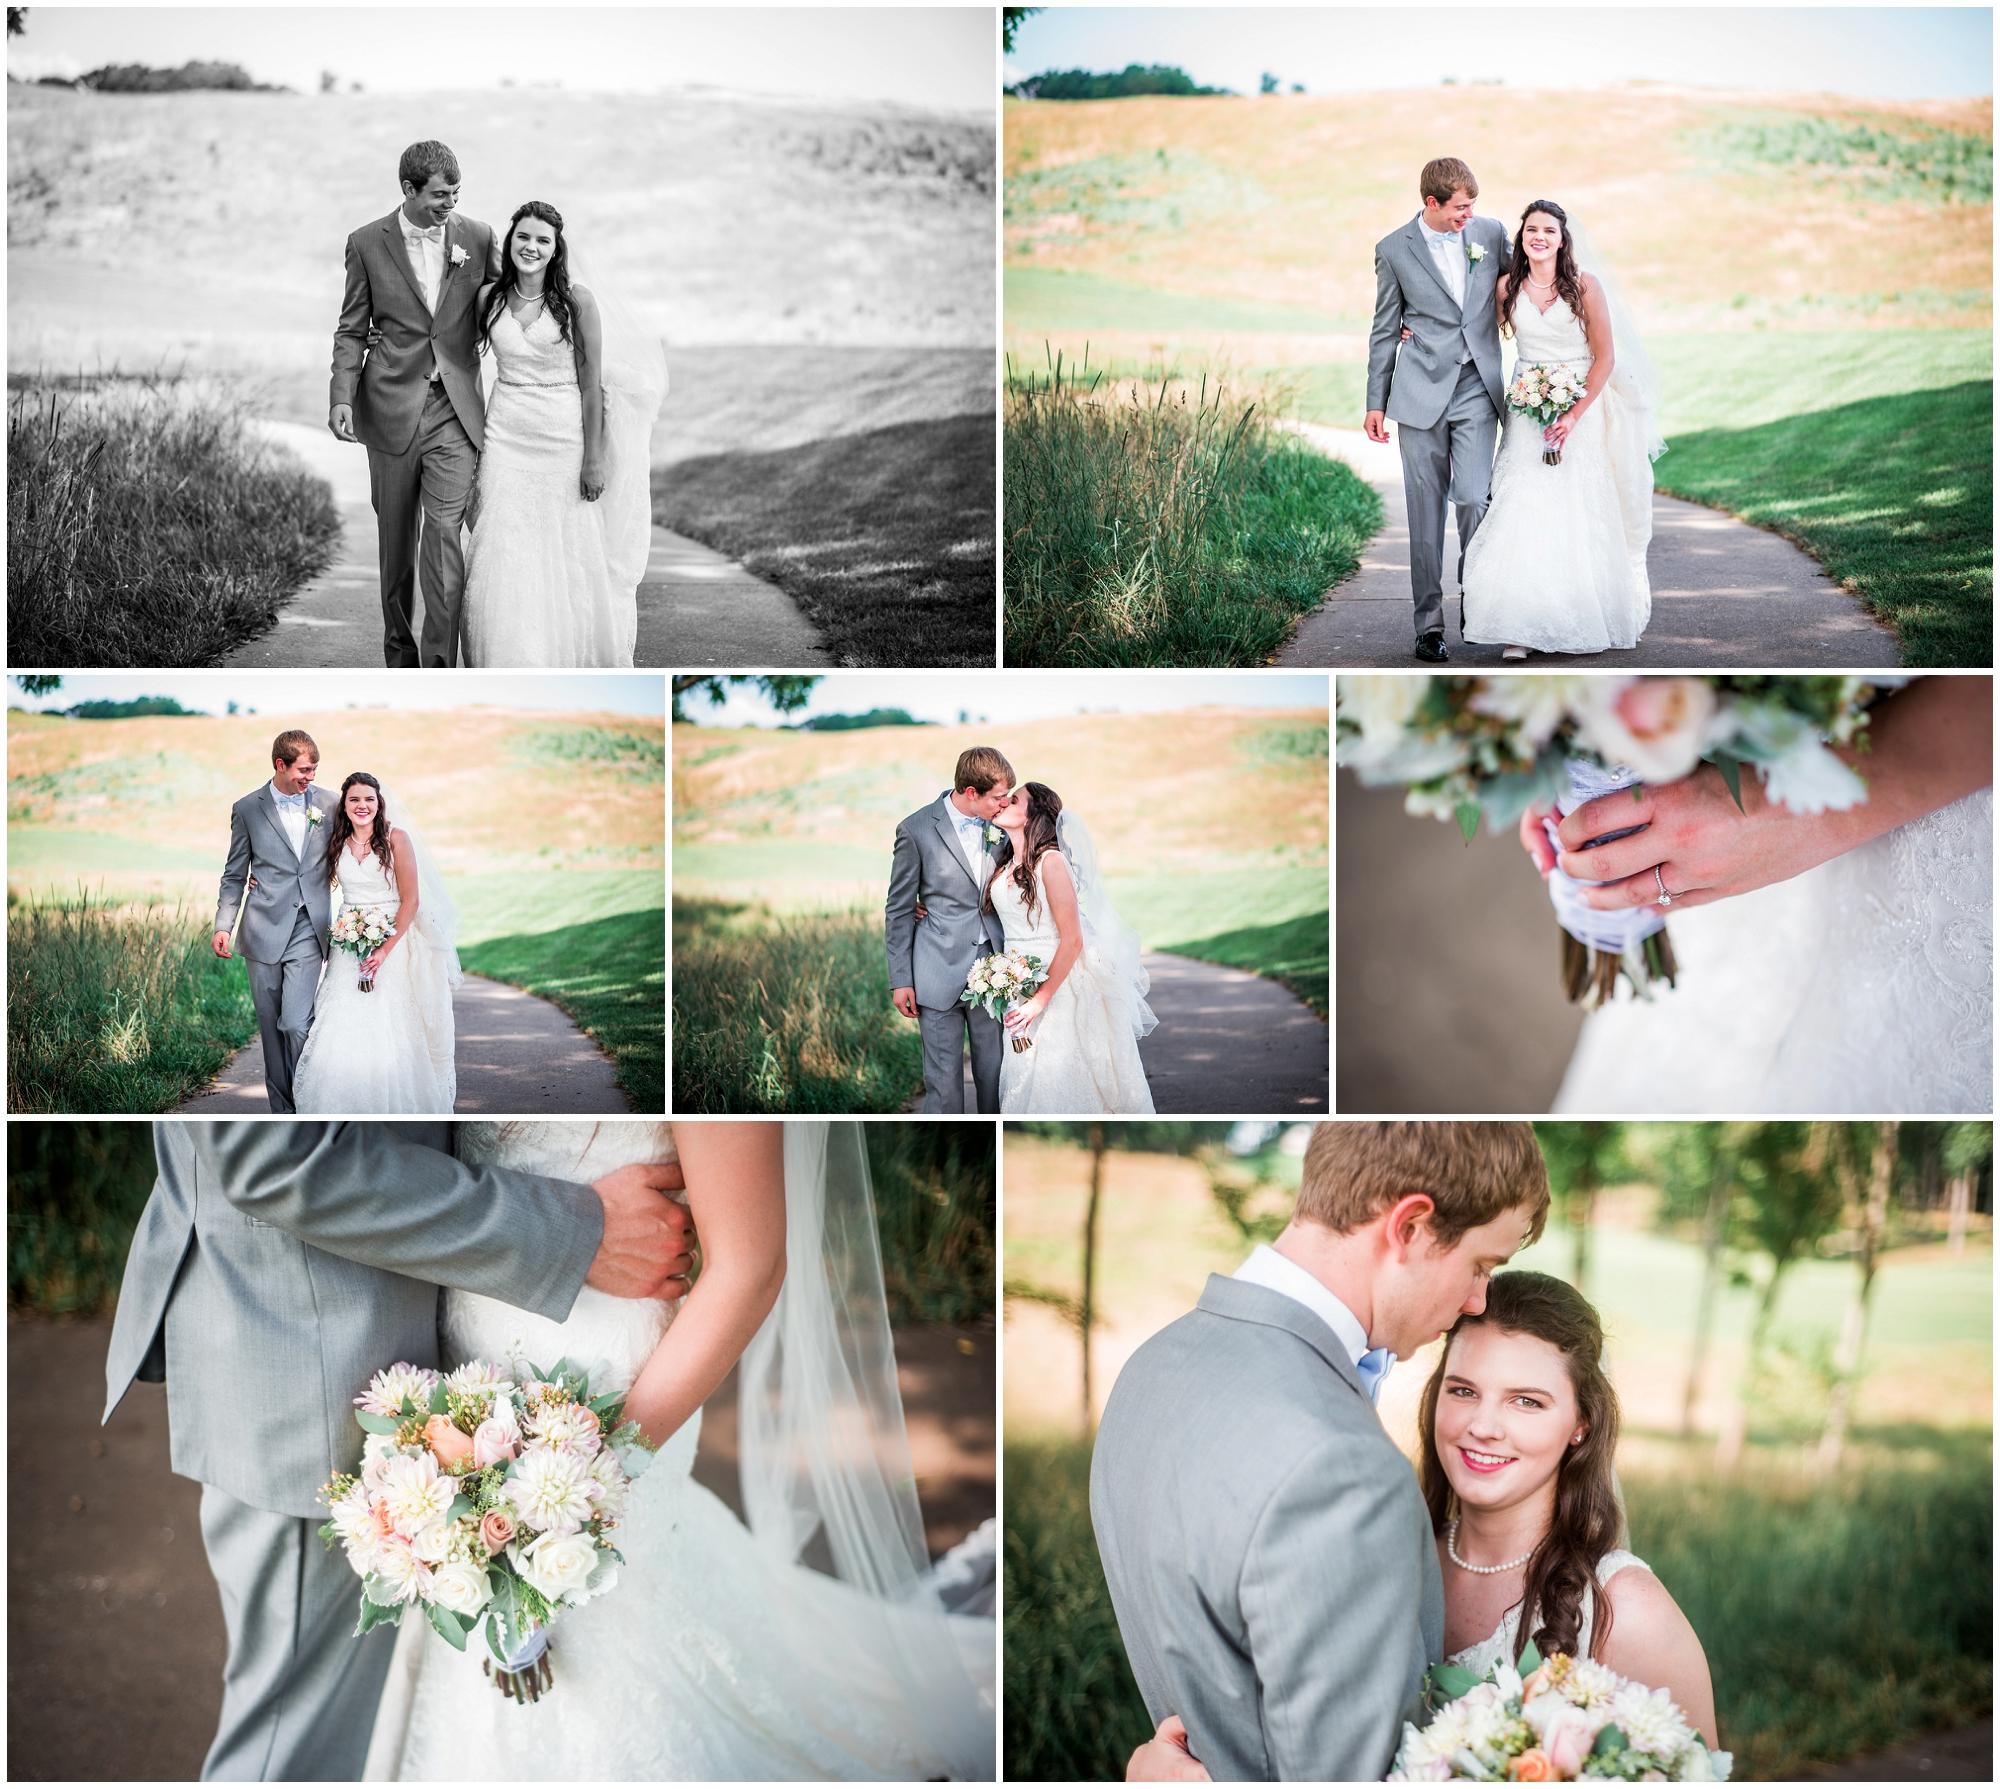 caroline_ryan_olde_stone_wedding-3300.jpg